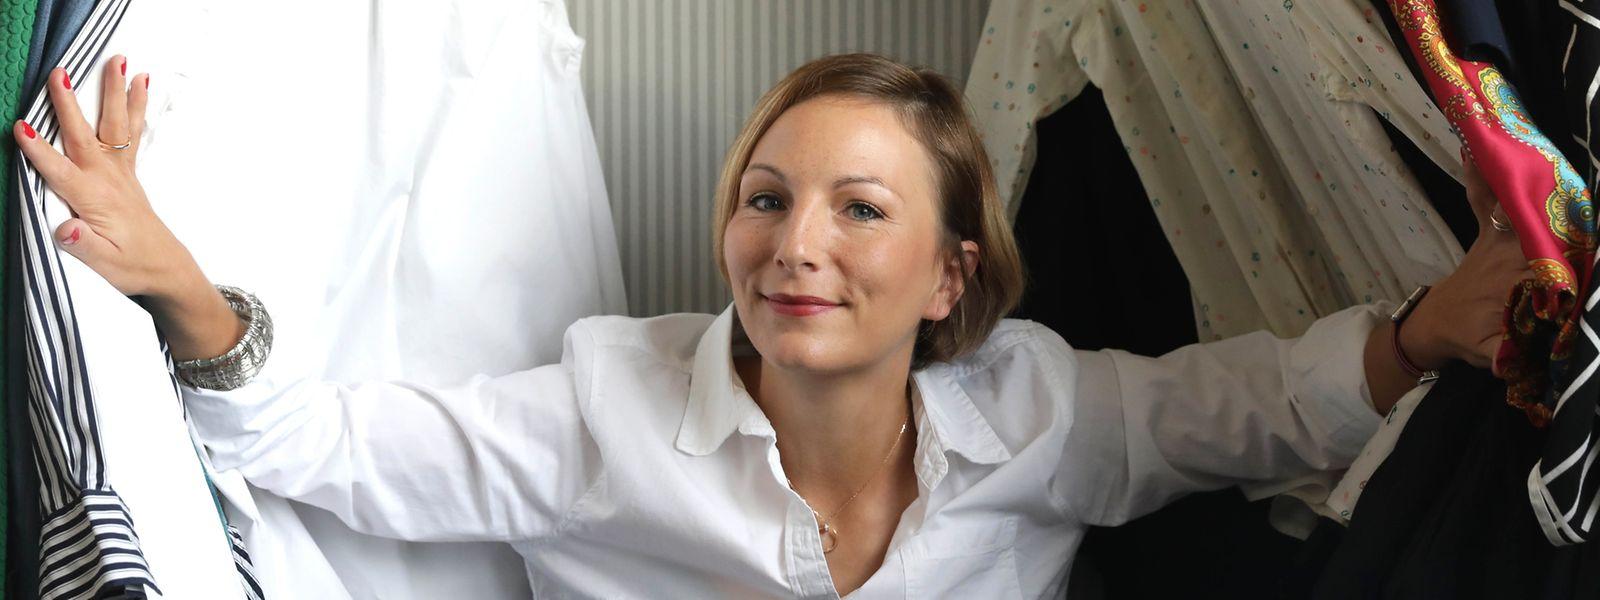 """Nicole Wiesner berät Luxemburger mit ihrem Unternehmen """"Less"""" beim Ausrangieren."""